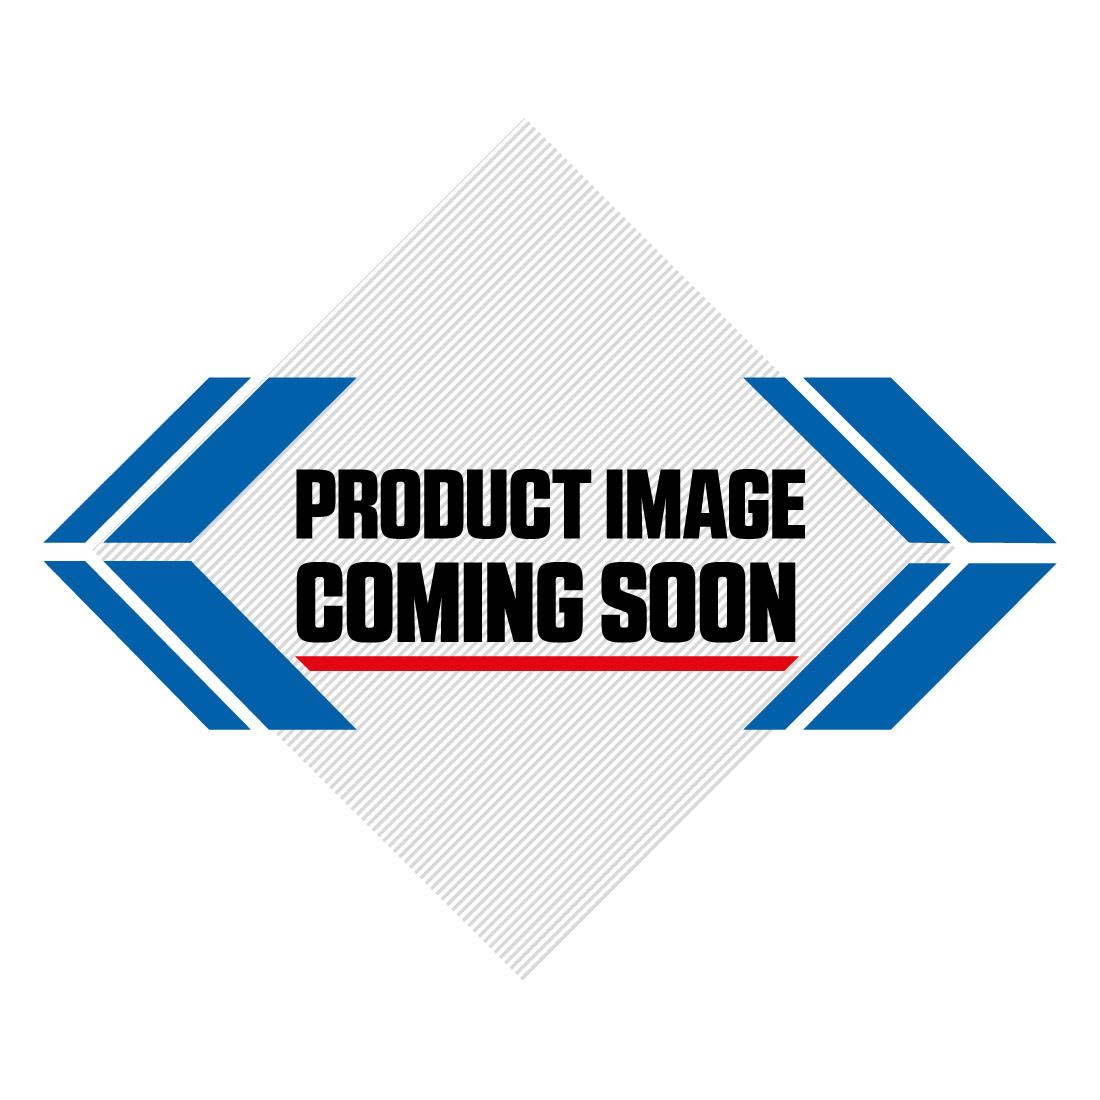 Kawasaki Plastic Kit KX 125 250 (03-04) OEM Factory Image-4